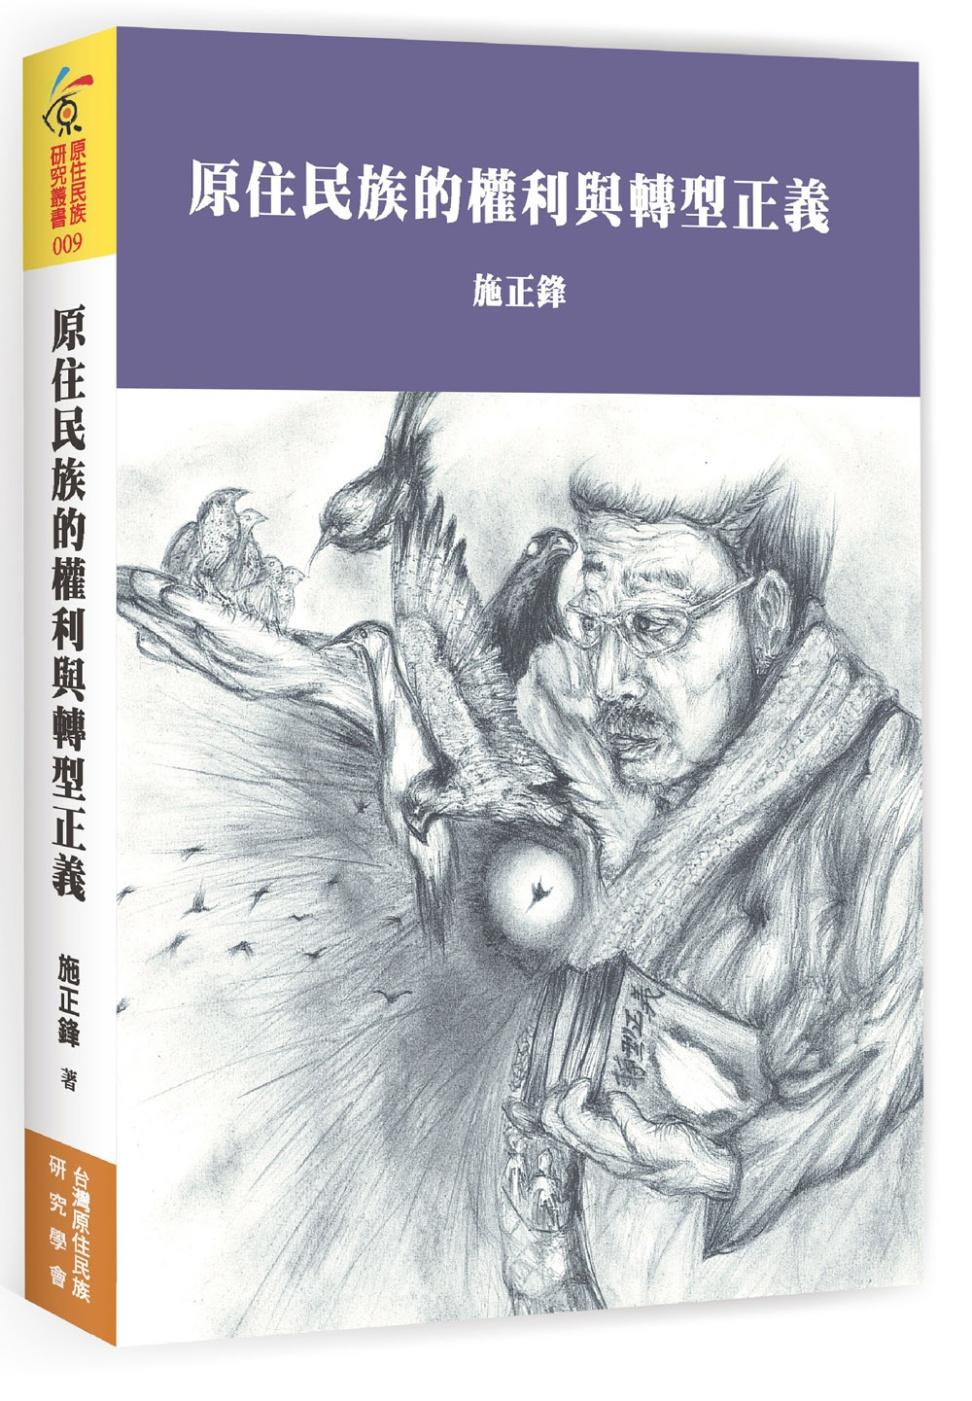 《原住民族的權利與轉型正義》 商品條碼,ISBN:9789868914377